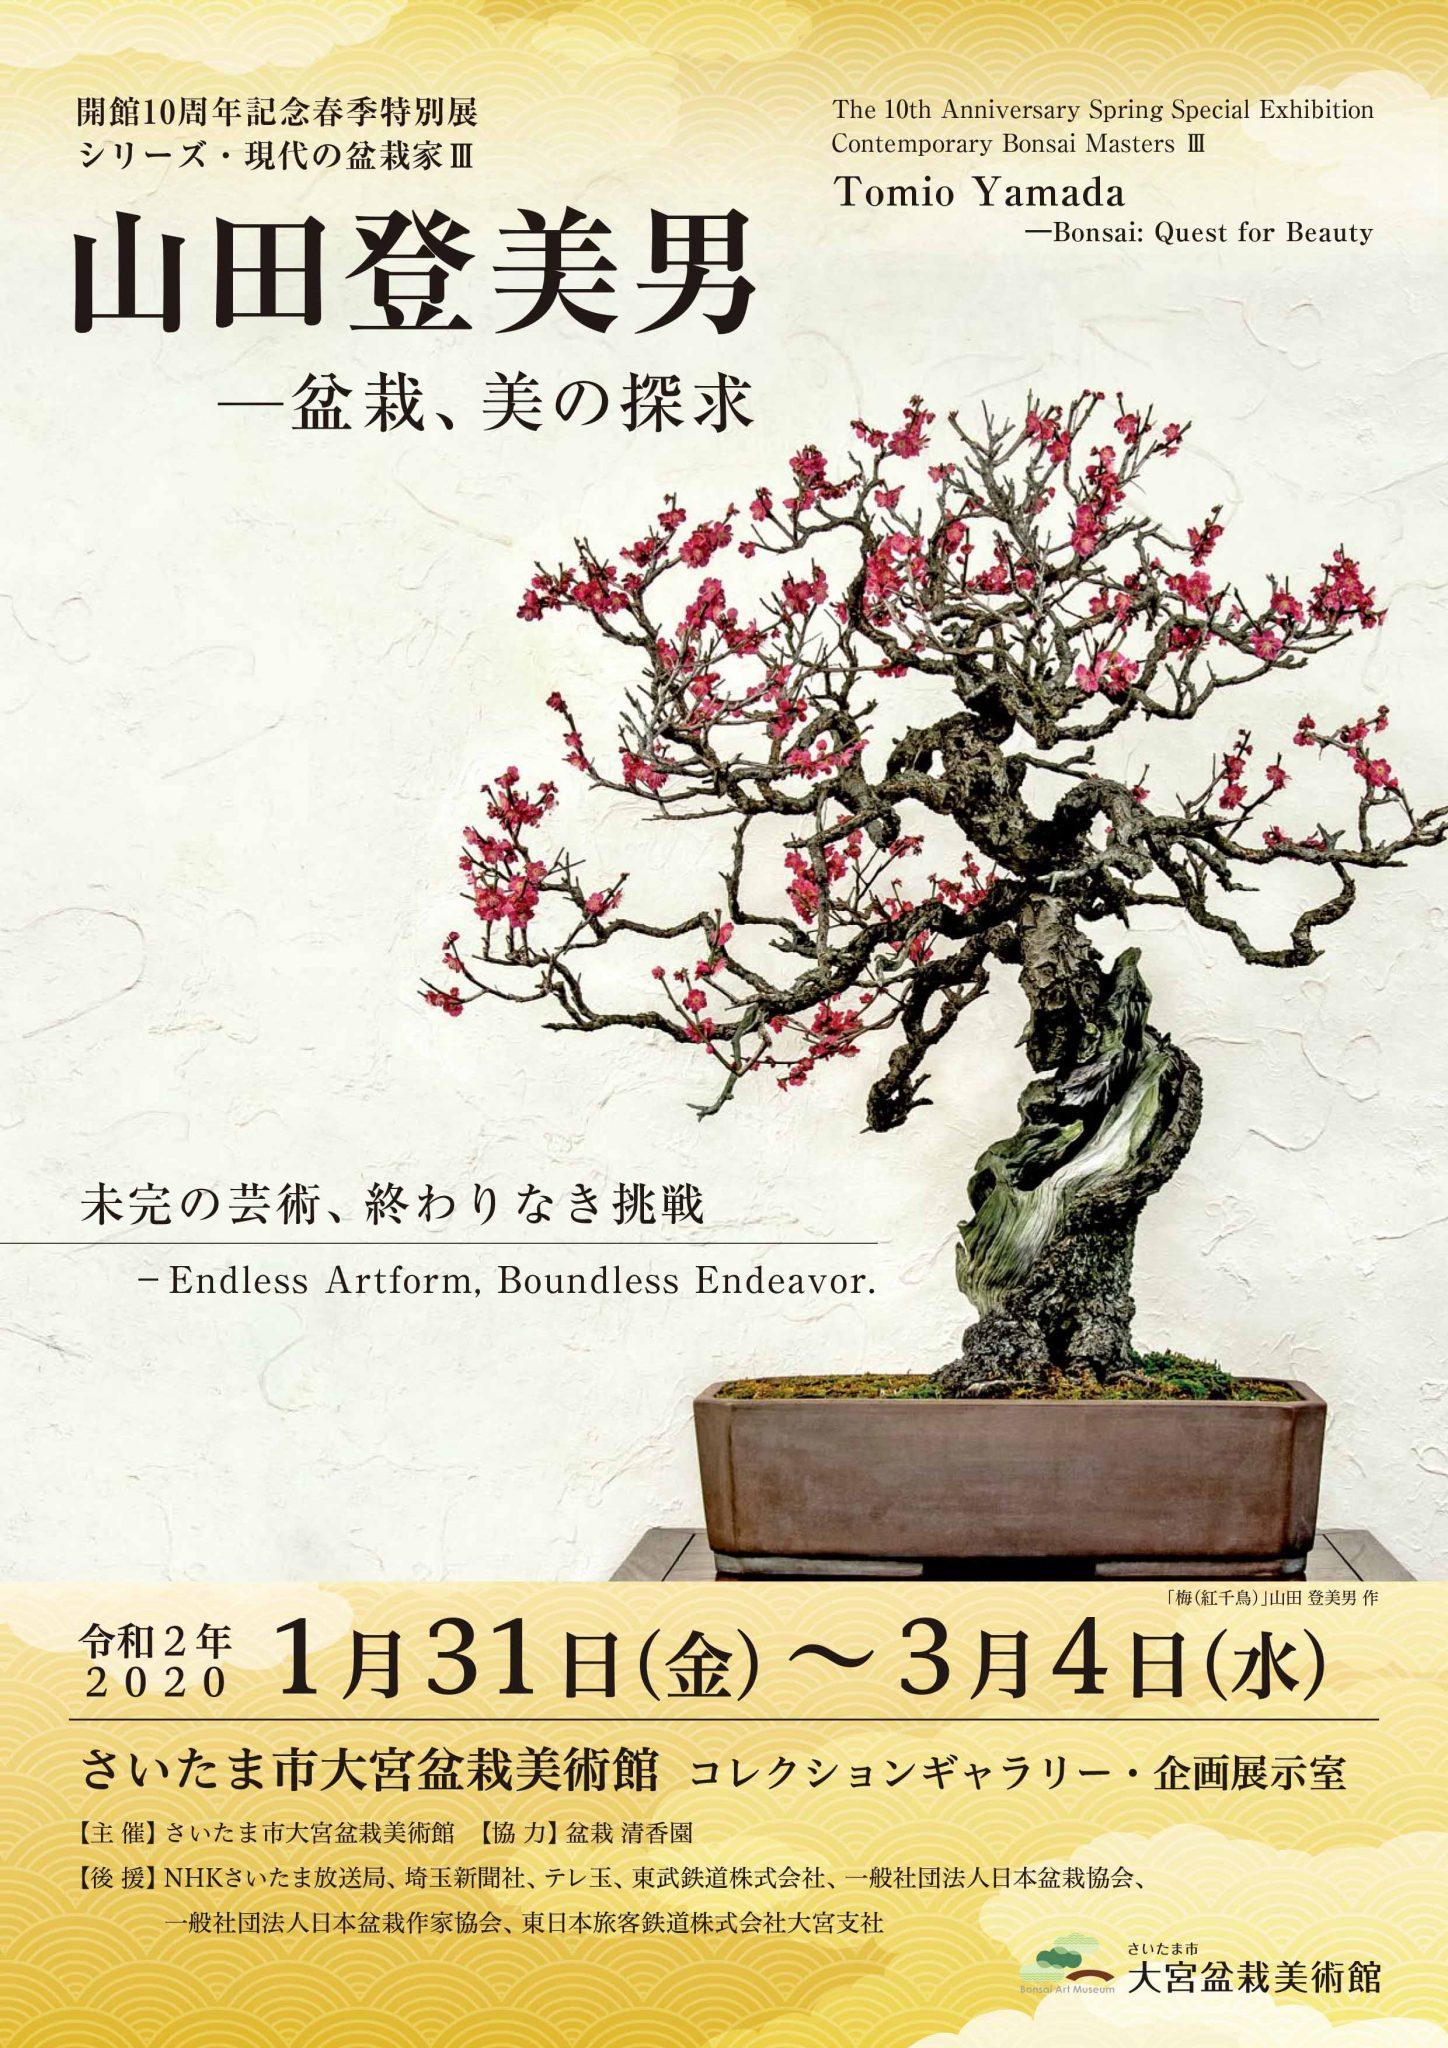 開館10周年記念春季特別展 シリーズ・現代の盆栽家Ⅲ 山田登美男―盆栽、美の探求